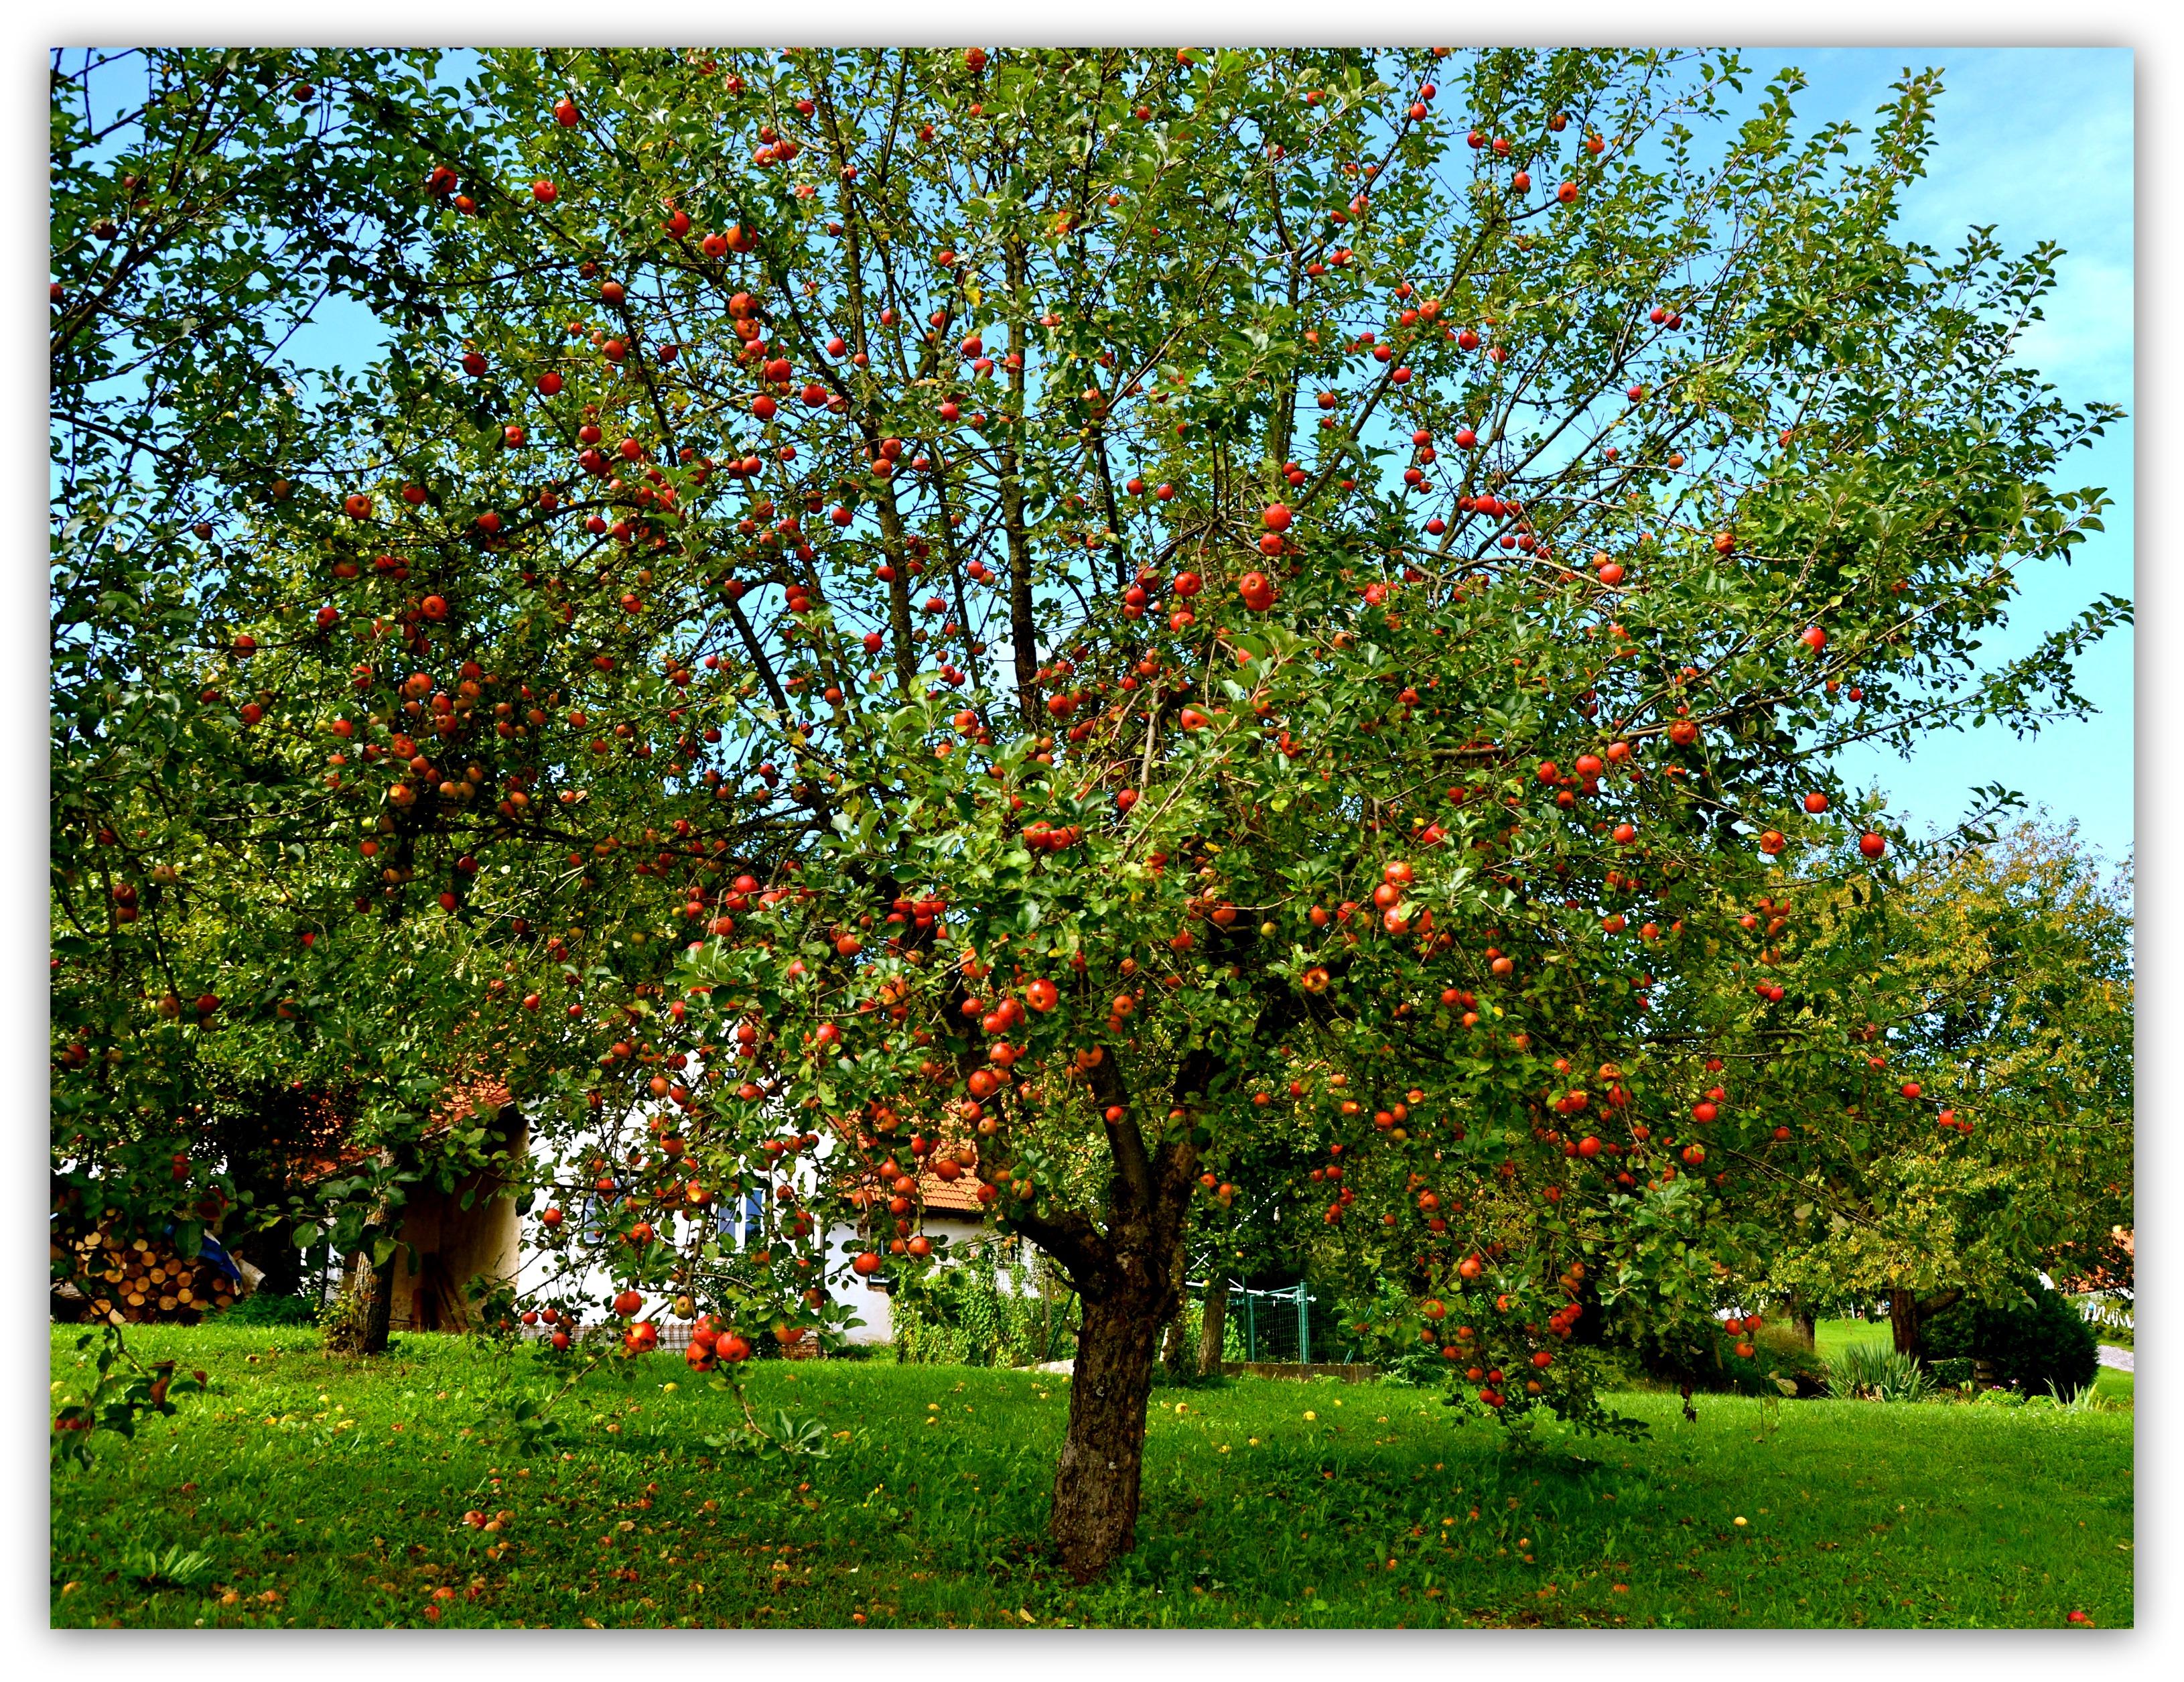 Apfelbaum Twinsie S Blog